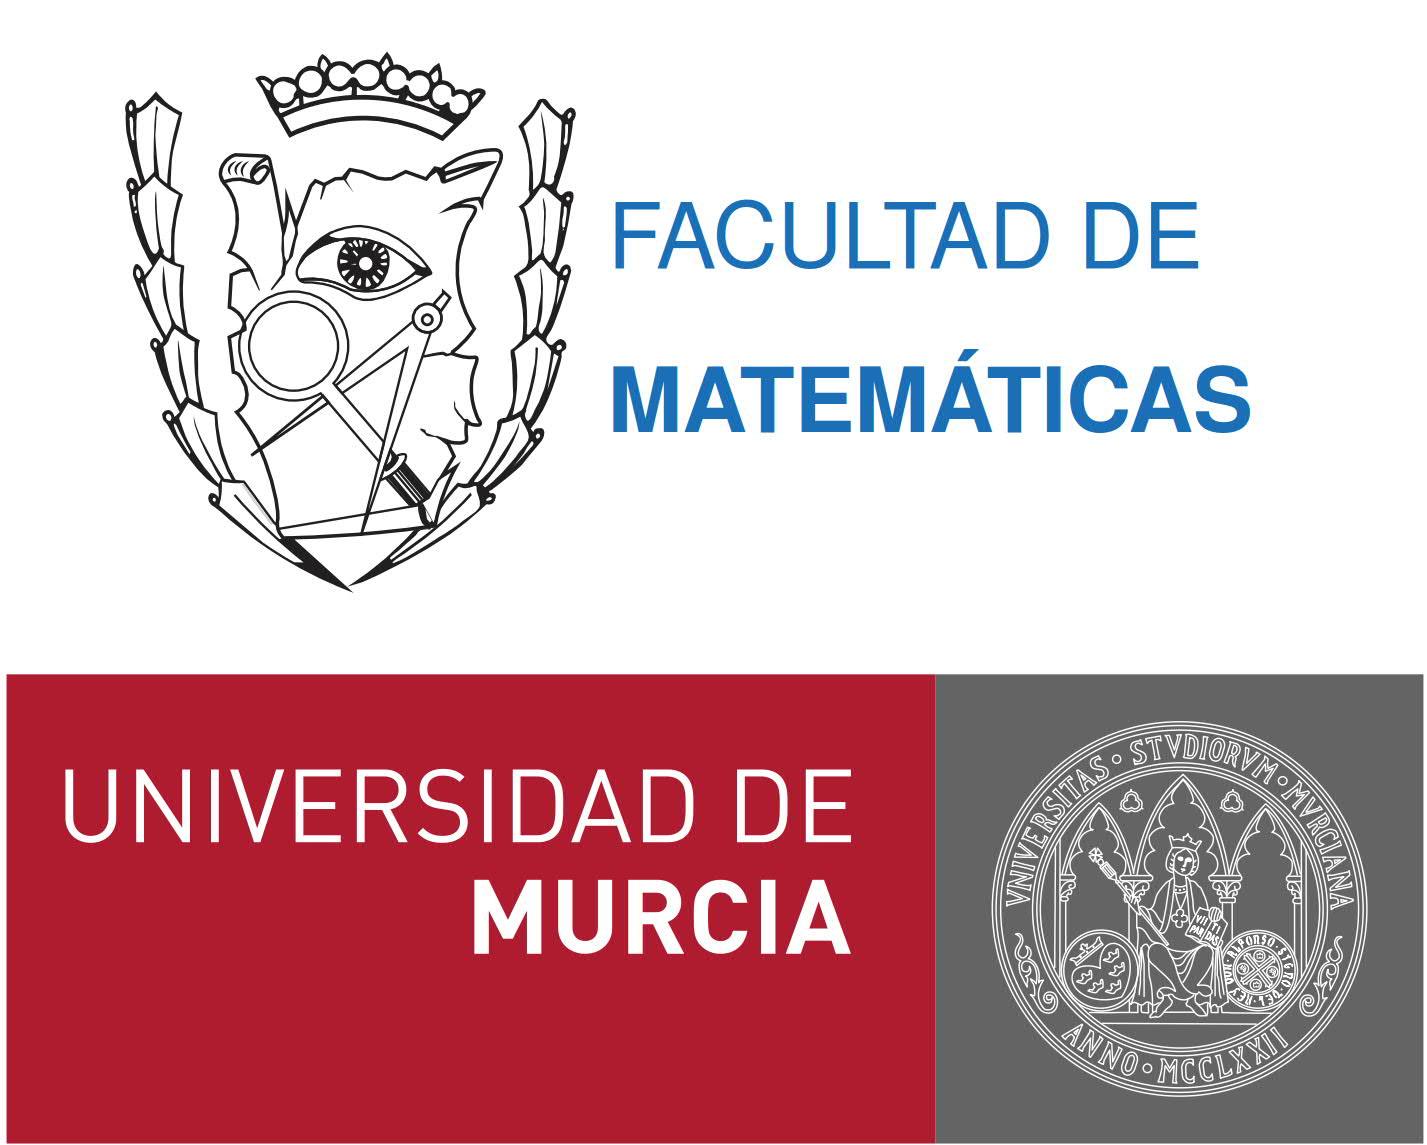 Presentaci n universidad de murcia - Colegio de arquitectos tecnicos de murcia ...